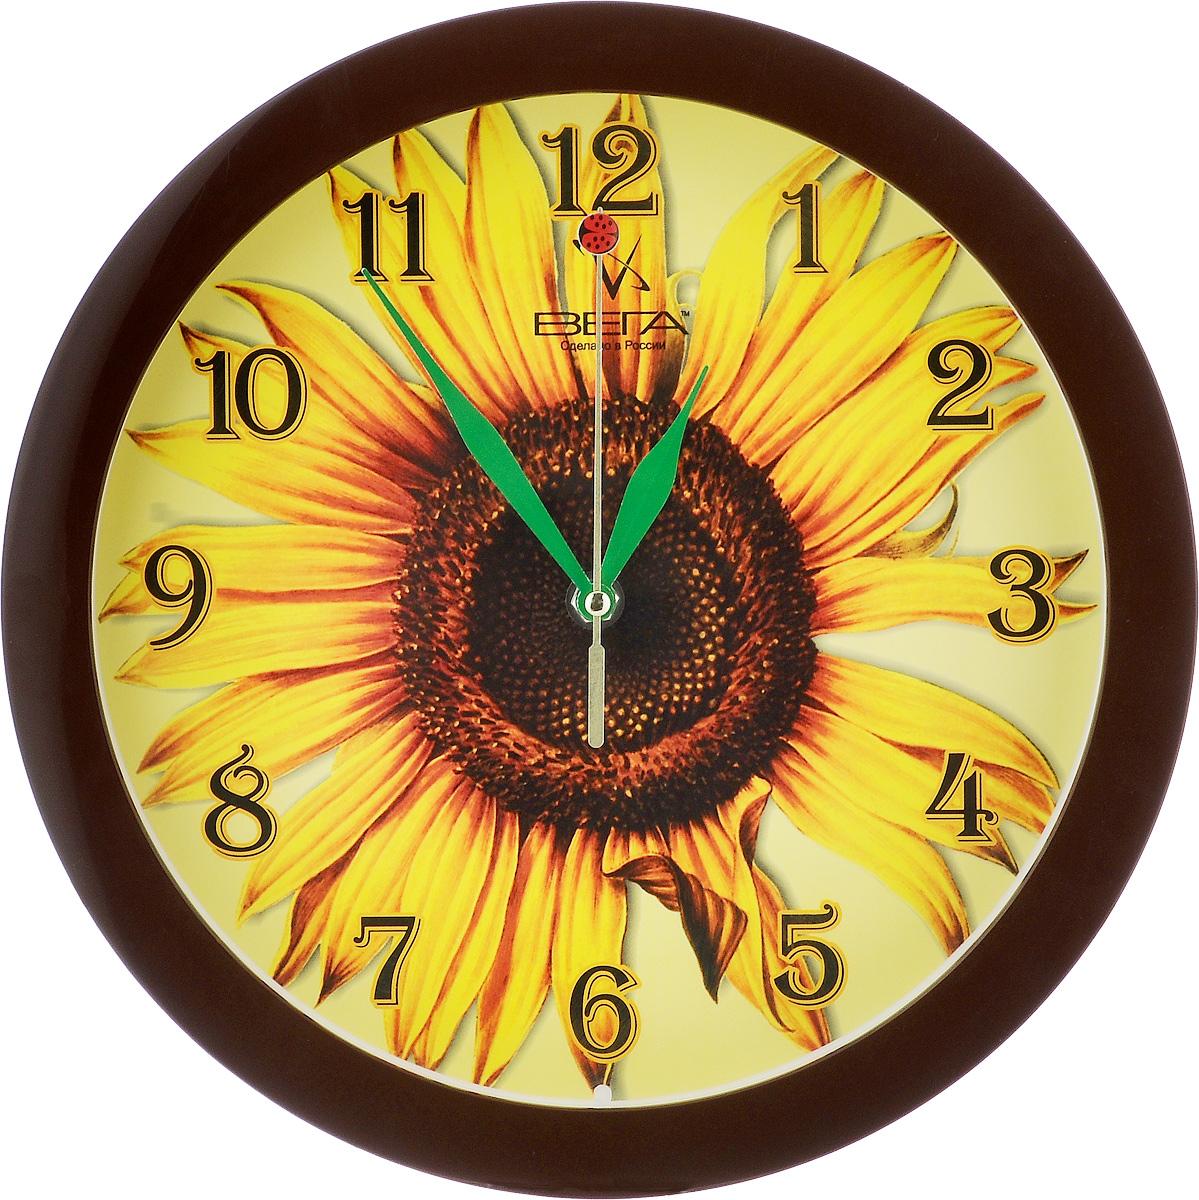 Часы настенные Вега Подсолнух, диаметр 28,5 см54 009305Настенные кварцевые часы Вега Подсолнух, изготовленные из пластика, прекрасно впишутся в интерьер вашего дома. Круглые часы имеют три стрелки: часовую, минутную и секундную, циферблат защищен прозрачным стеклом. Часы работают от 1 батарейки типа АА напряжением 1,5 В (не входит в комплект). Диаметр часов: 28,5 см.